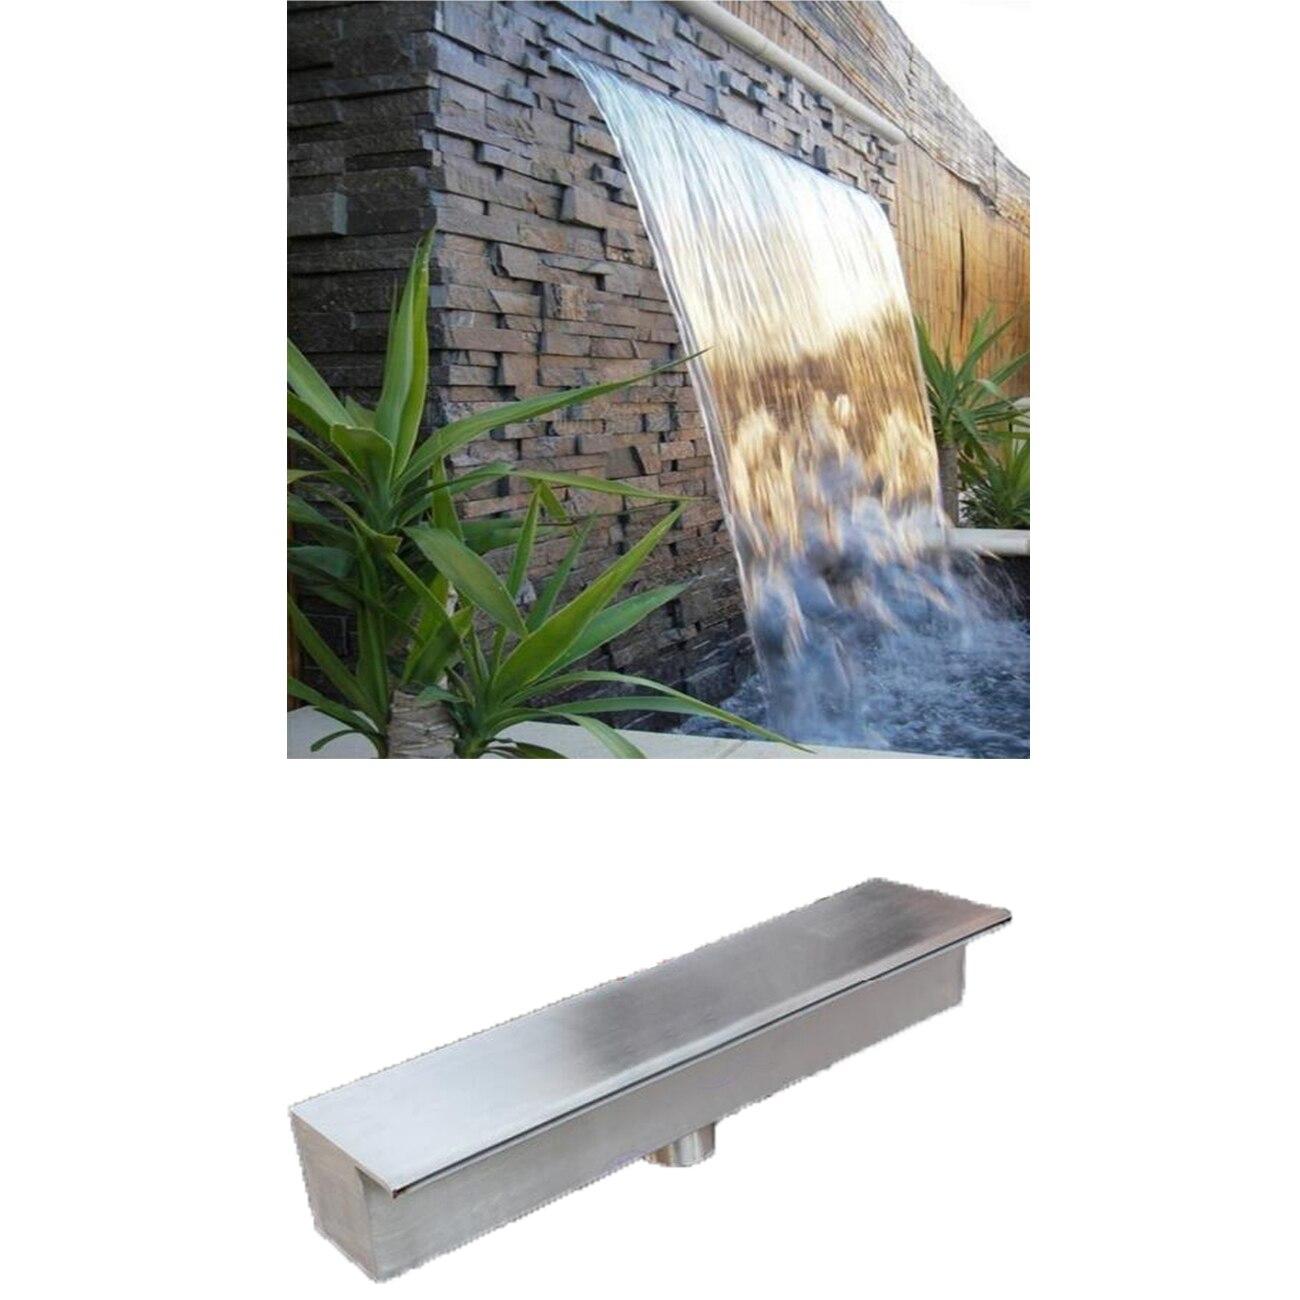 스테인레스 스틸 폭포 물 콘센트 스트림 싱크, 수영장 폭포 분수, 물 커튼 벽 안뜰 물고기 연못 풍경